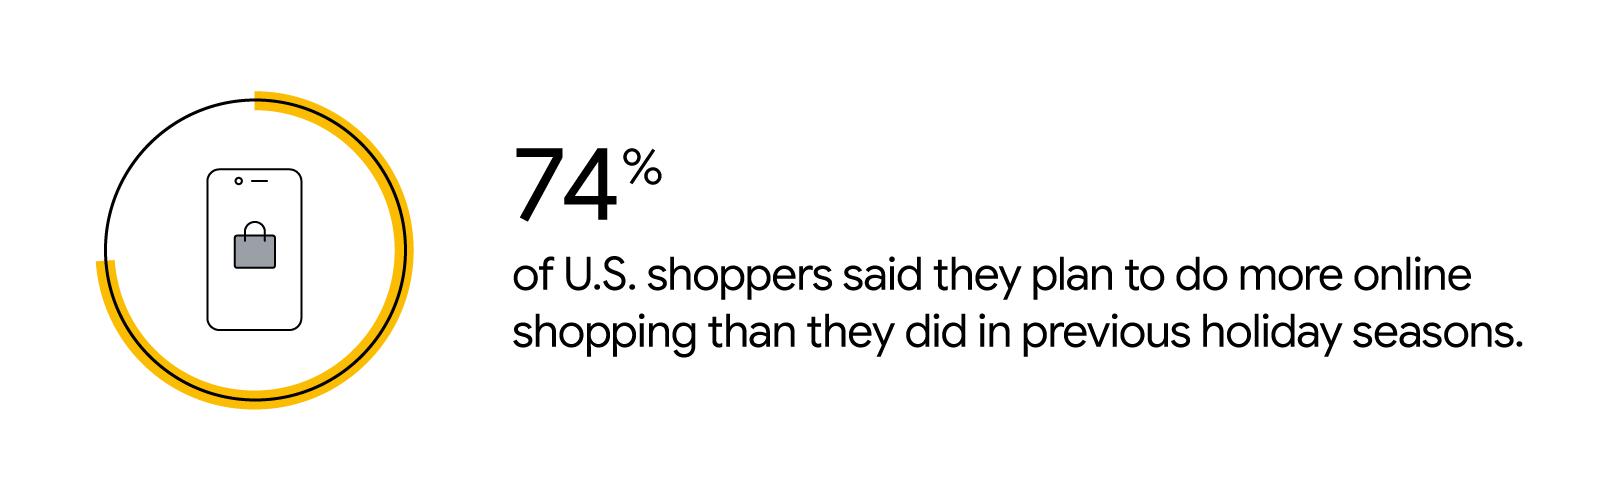 Un gráfico circular indica la siguiente estadística: el 74% de los compradores de EE. UU. Dijeron que planean hacer más compras en línea que en temporadas de vacaciones anteriores.